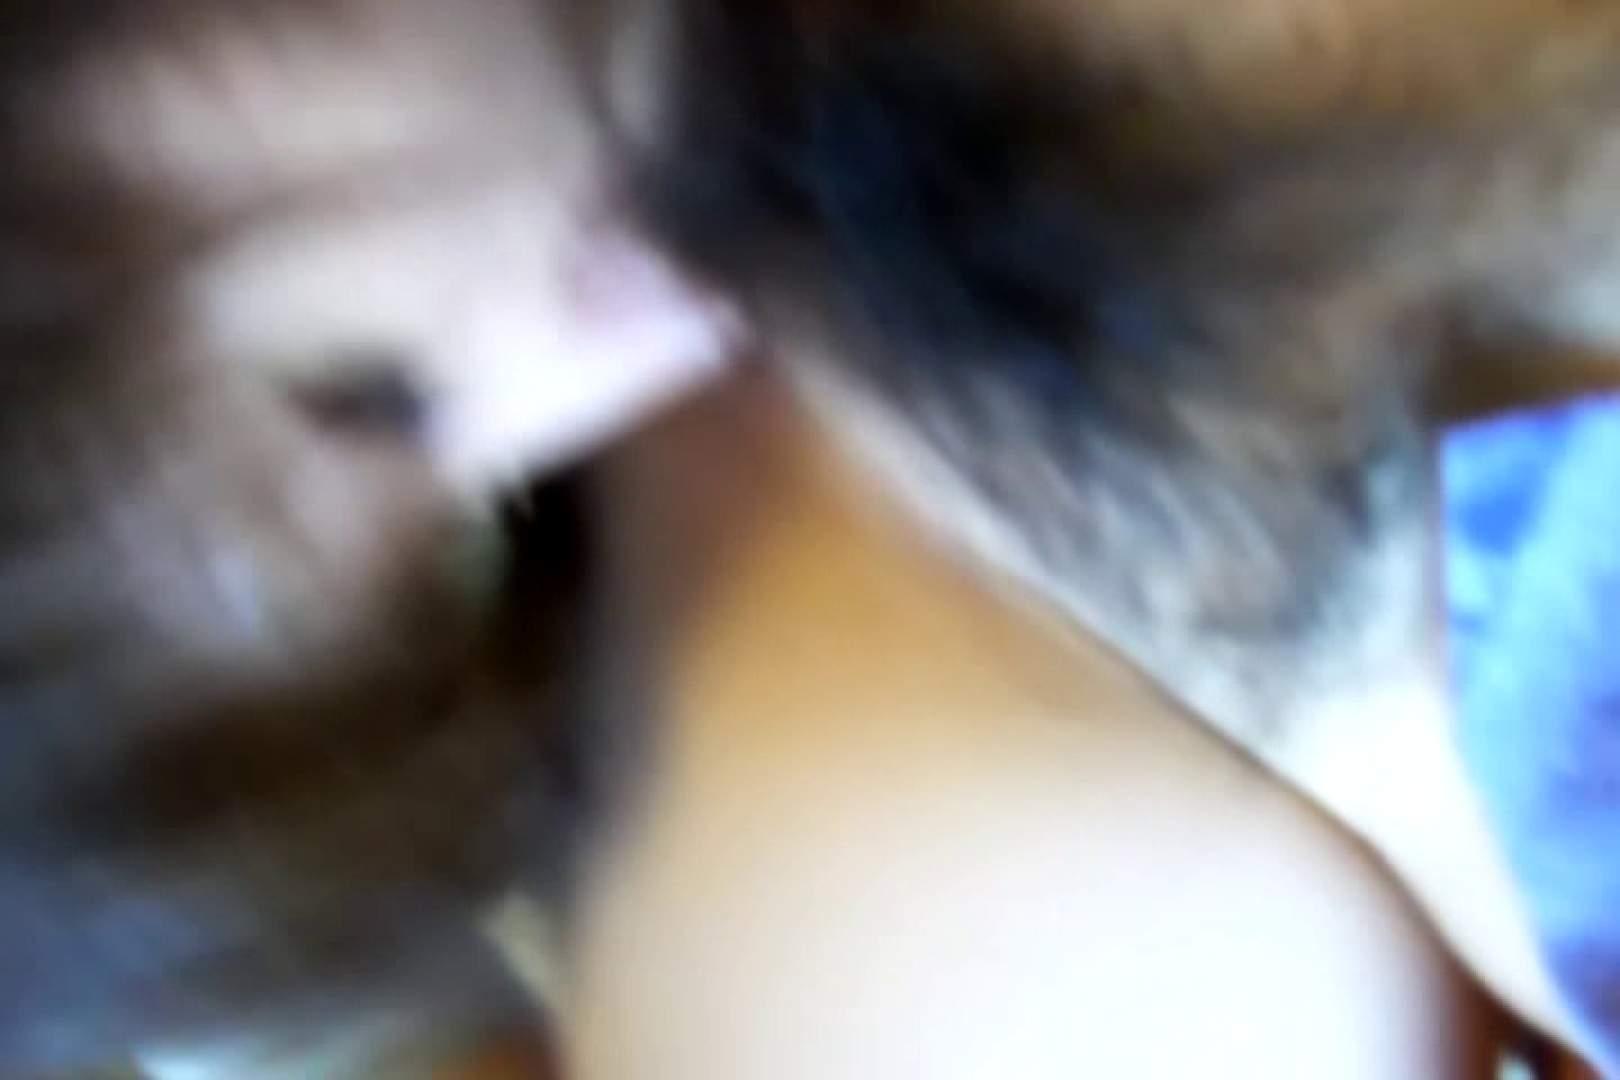 ウイルス流出 レオ&マンコのアルバム クンニ  96pic 25